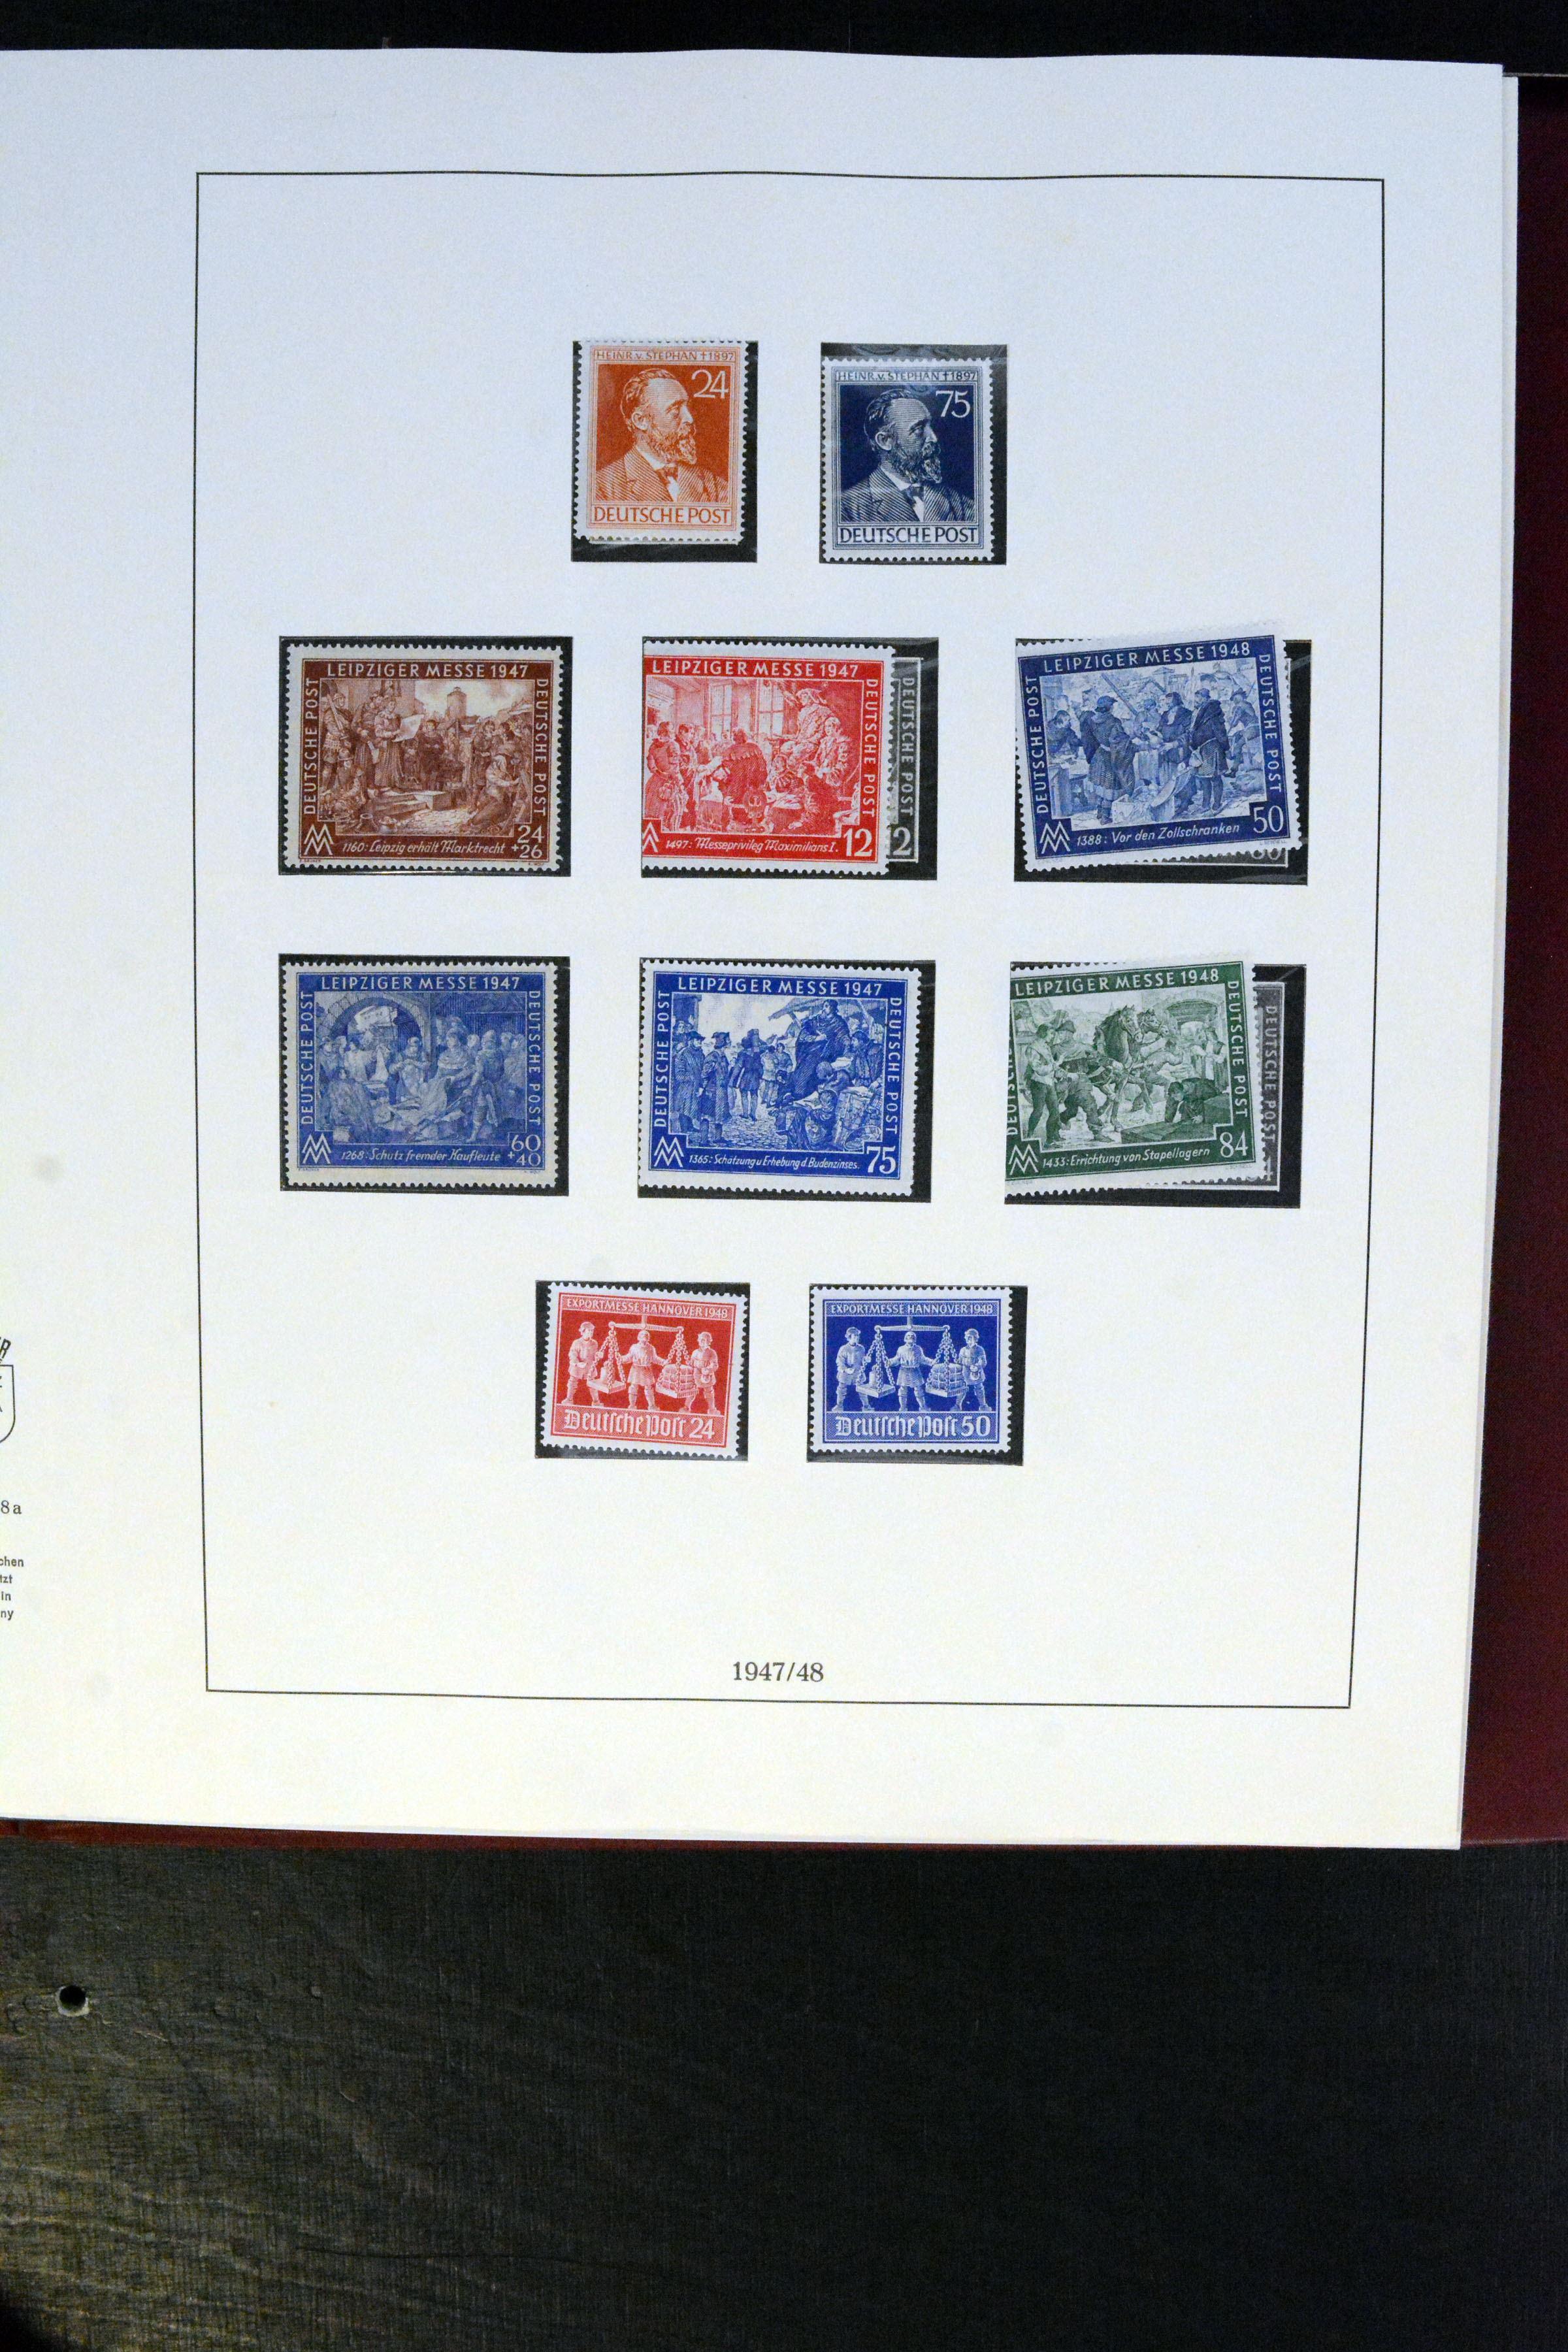 Lot 5112 - germany after 1945 alliierte besetzung -  Heinrich Koehler Auktionen Auction #368- Day 3